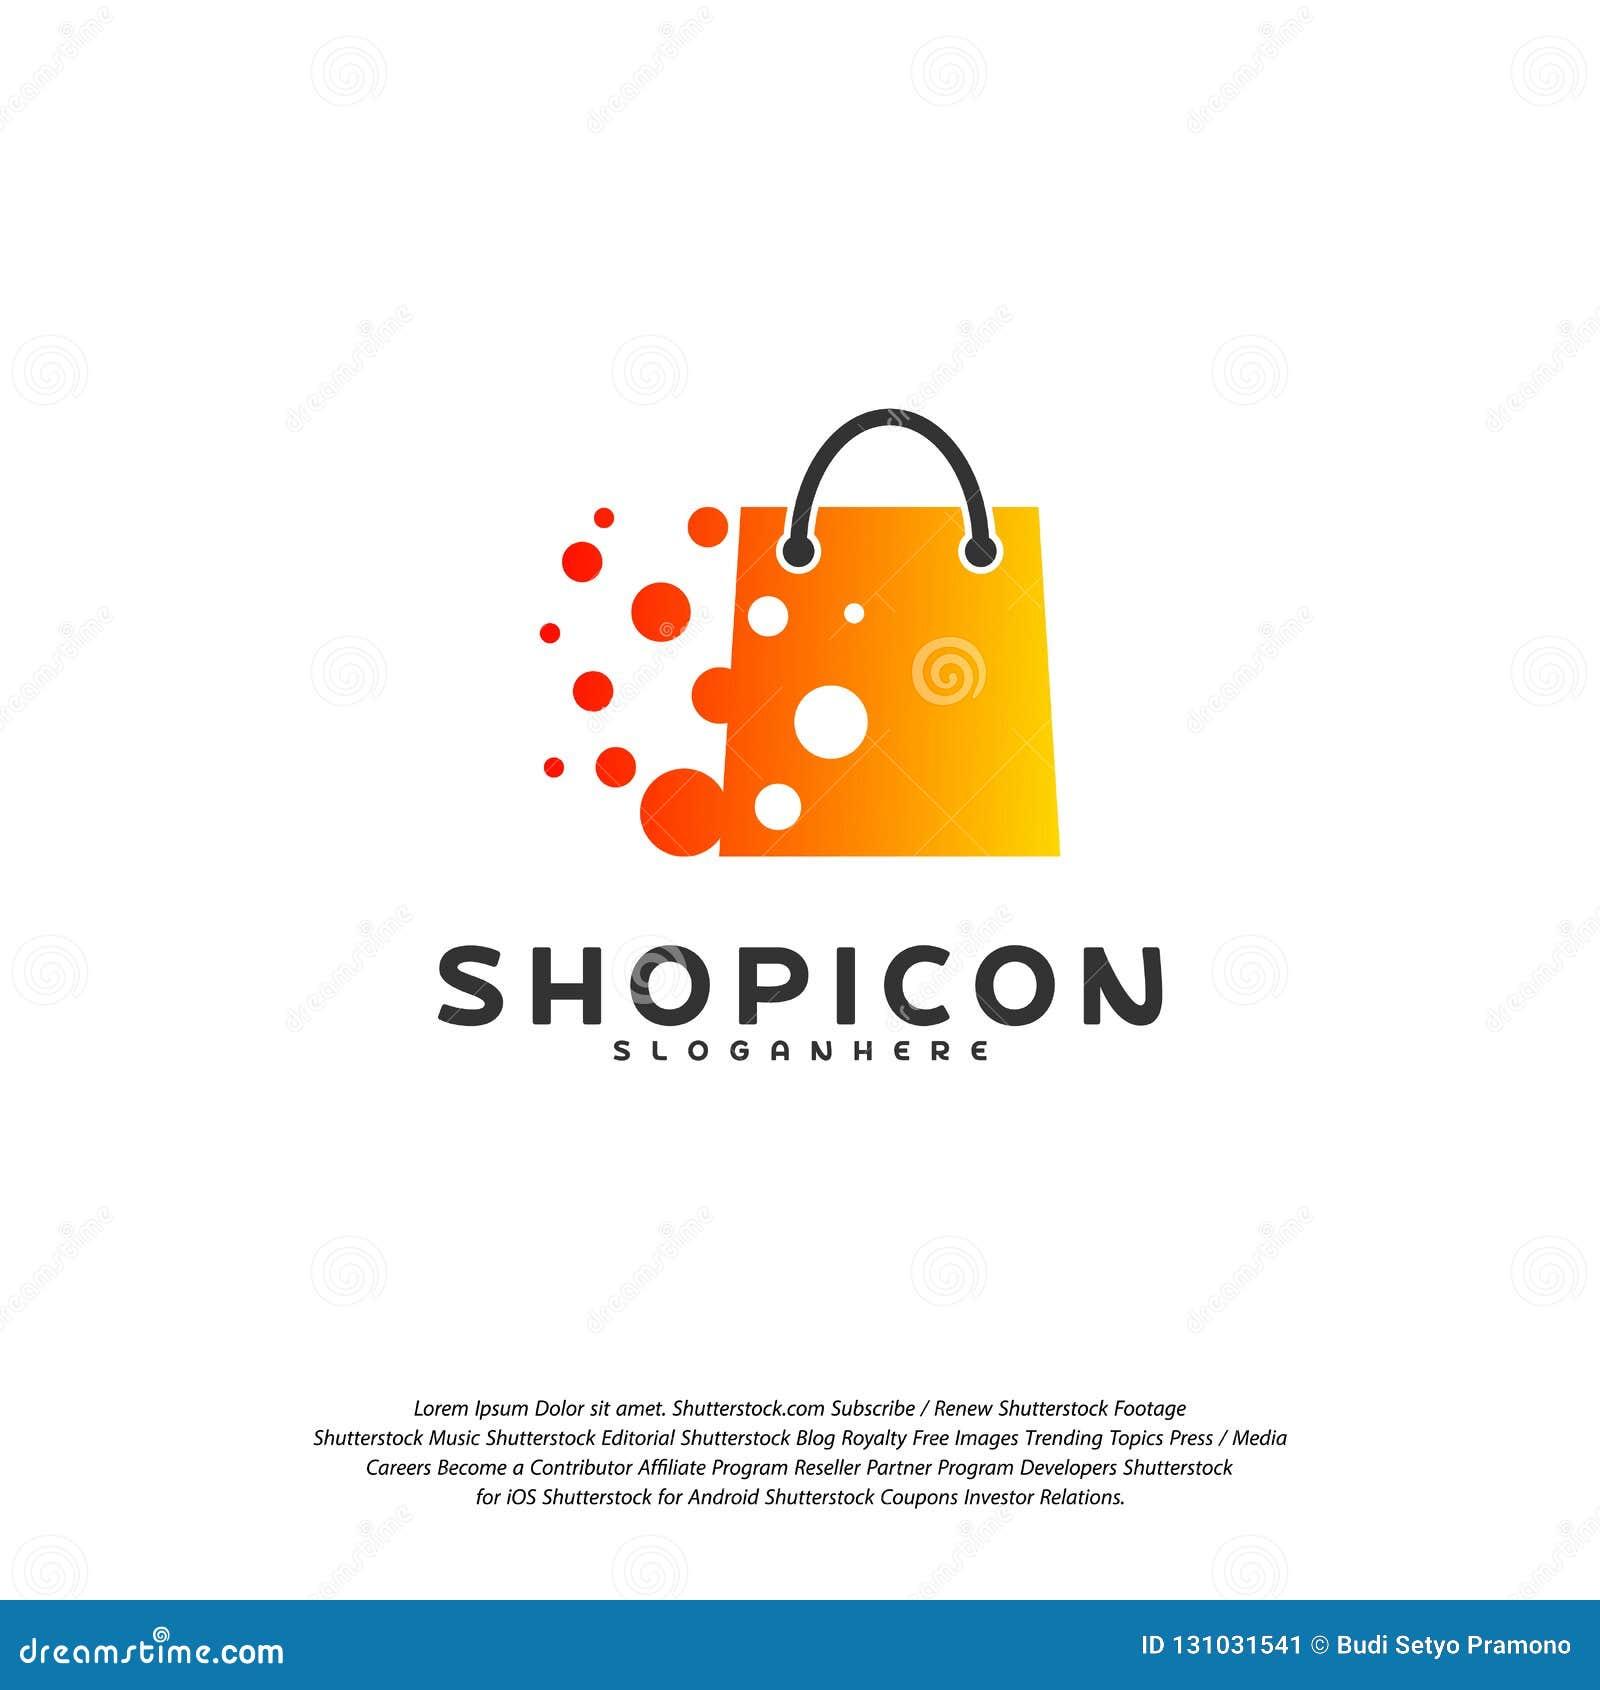 Marché en ligne Logo Template Design Vector, magasin Logo Design Element de magasin de magasin de pixel